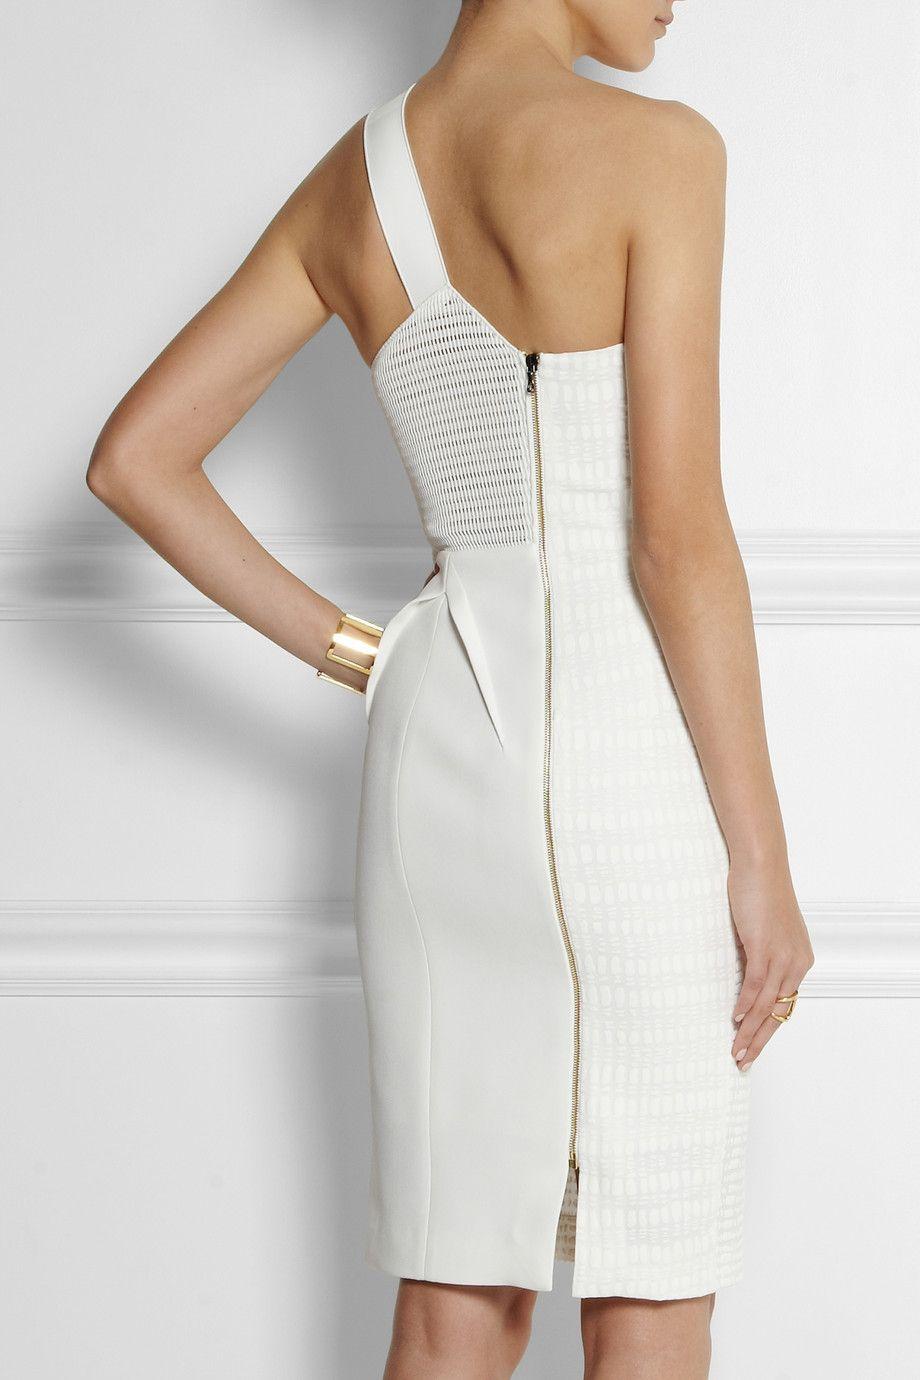 Roland Mouret   Aralia stretch-jacquard dress *Back view